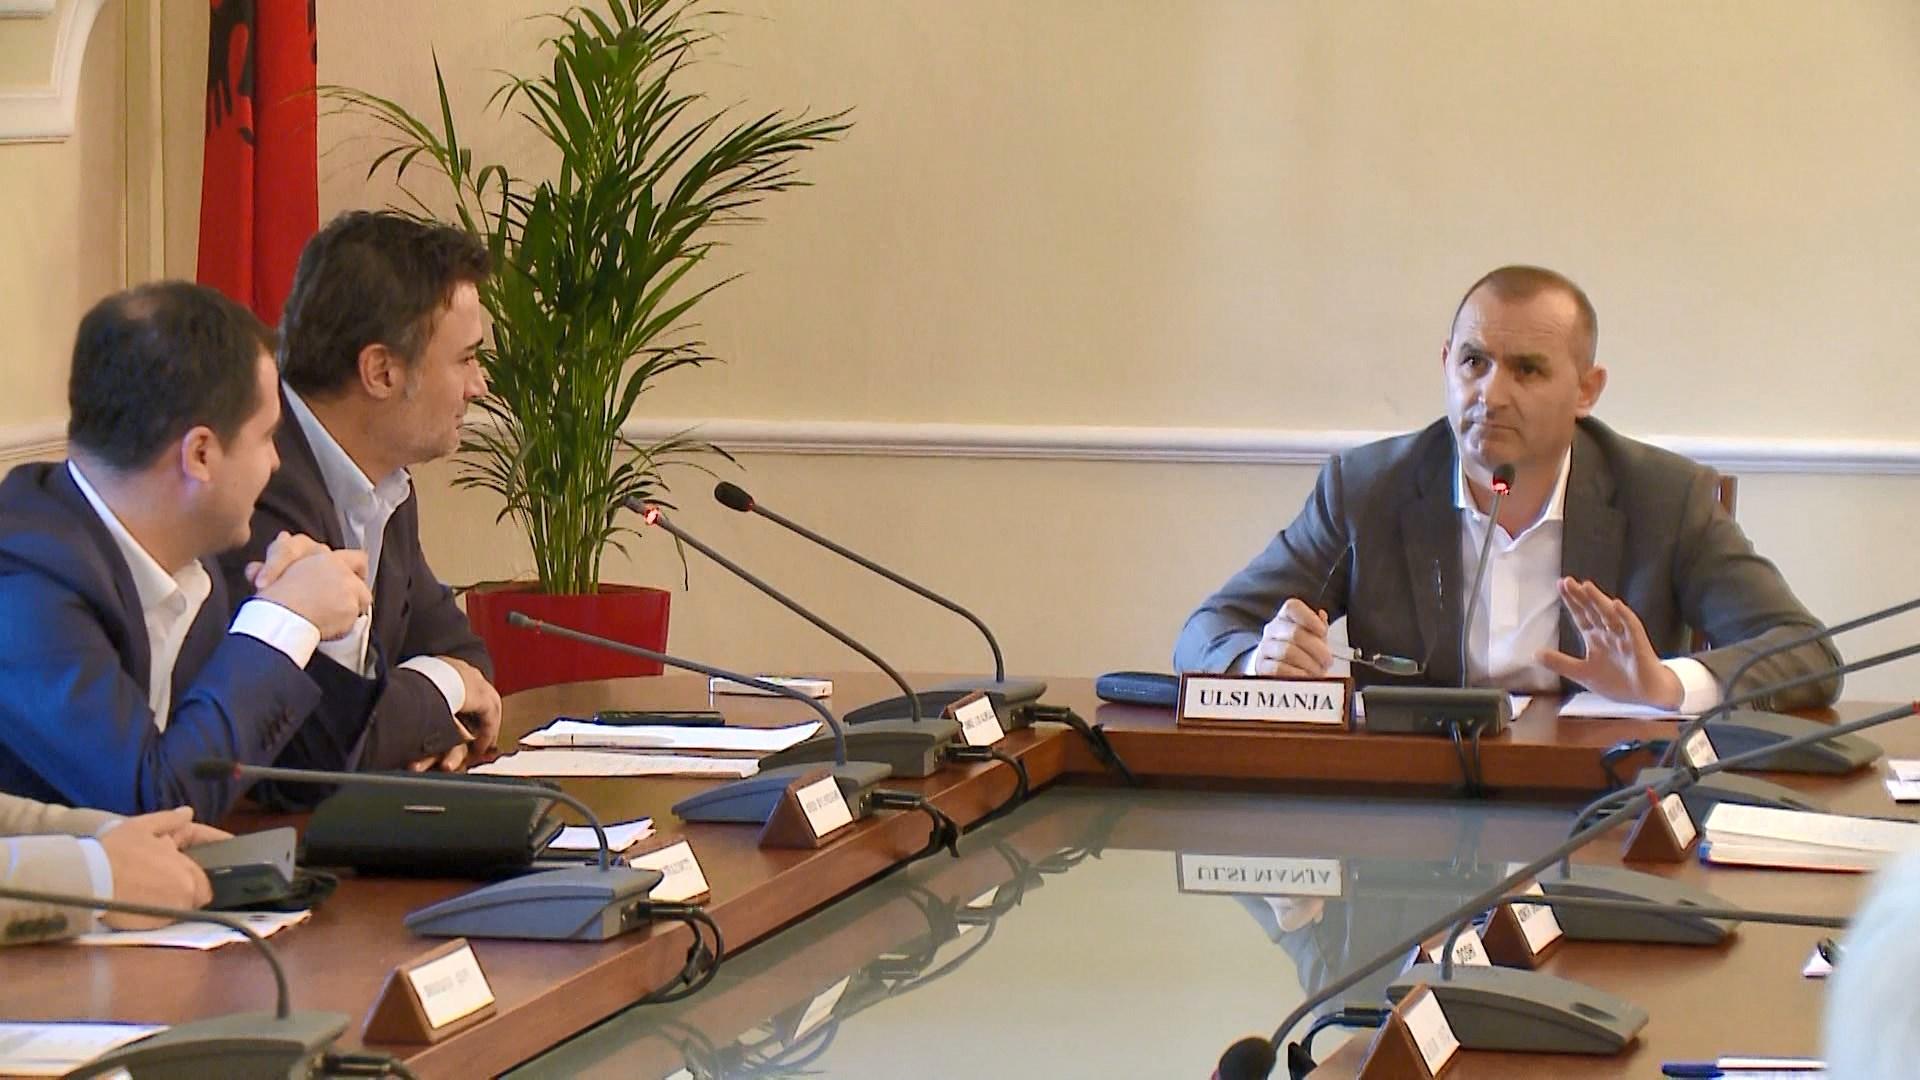 Deputetët e opozitës në komisione parlamentare kërkojnë largimin e Xhafajt